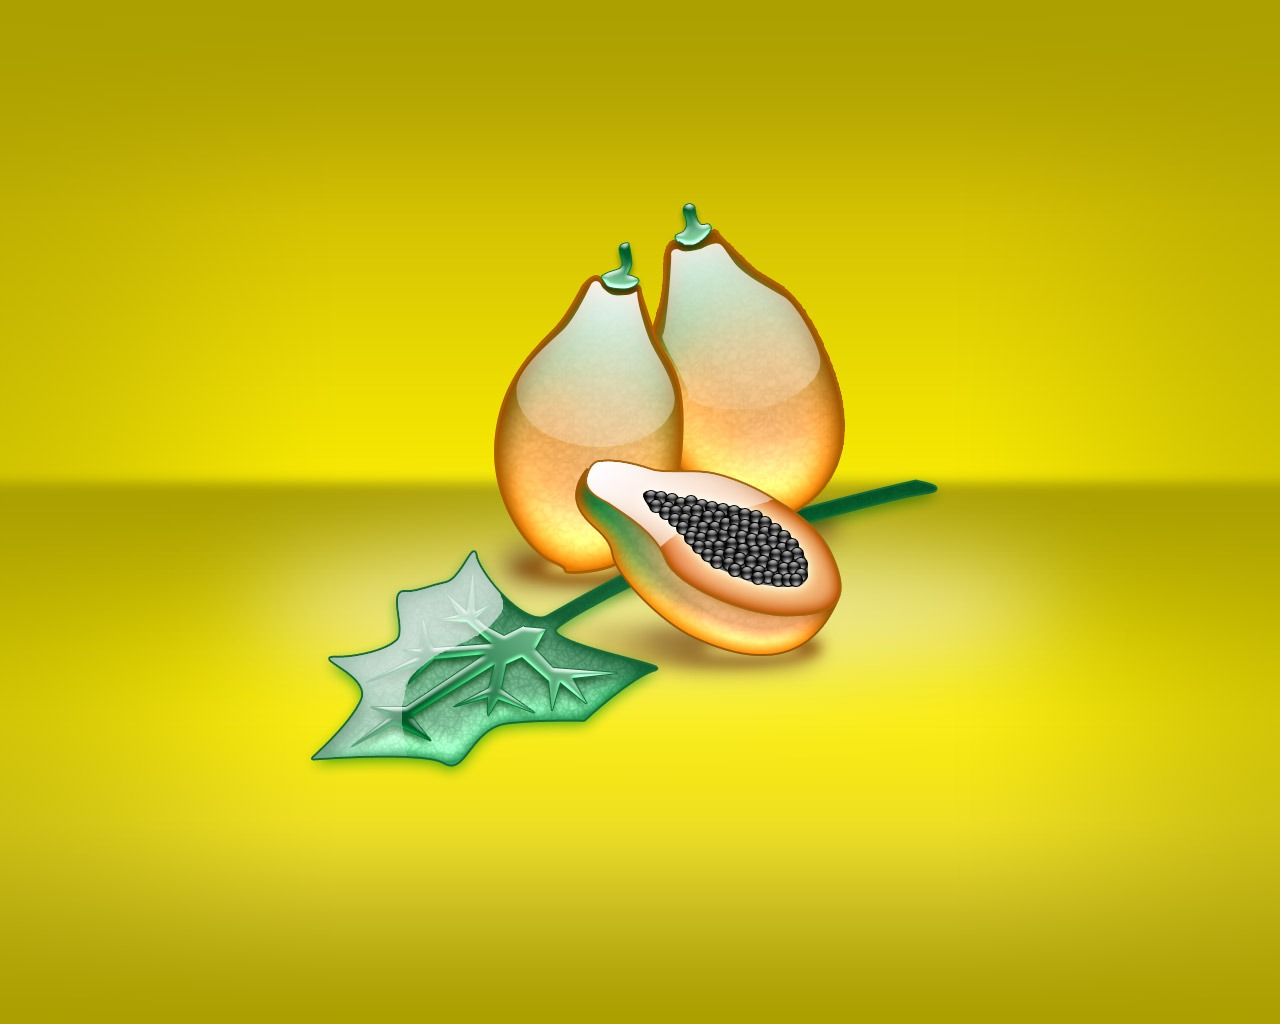 aqua papaya wallpaper abstract - photo #1